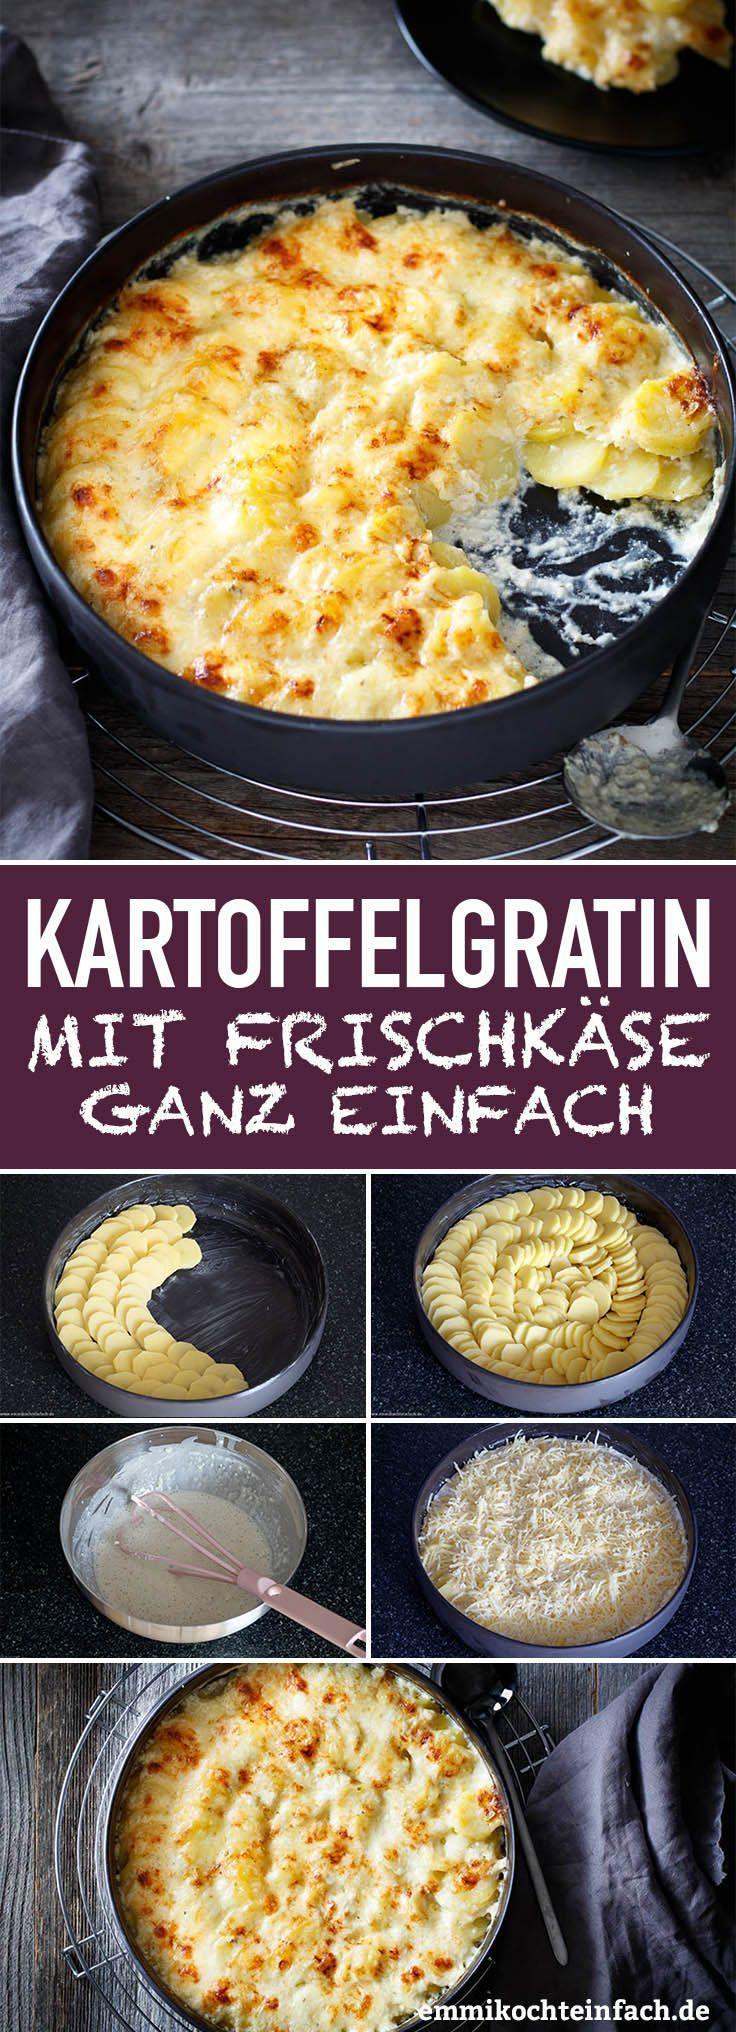 Kartoffelgratin mit Kräuterfrischkäse und Emmentaler - emmikochteinfach